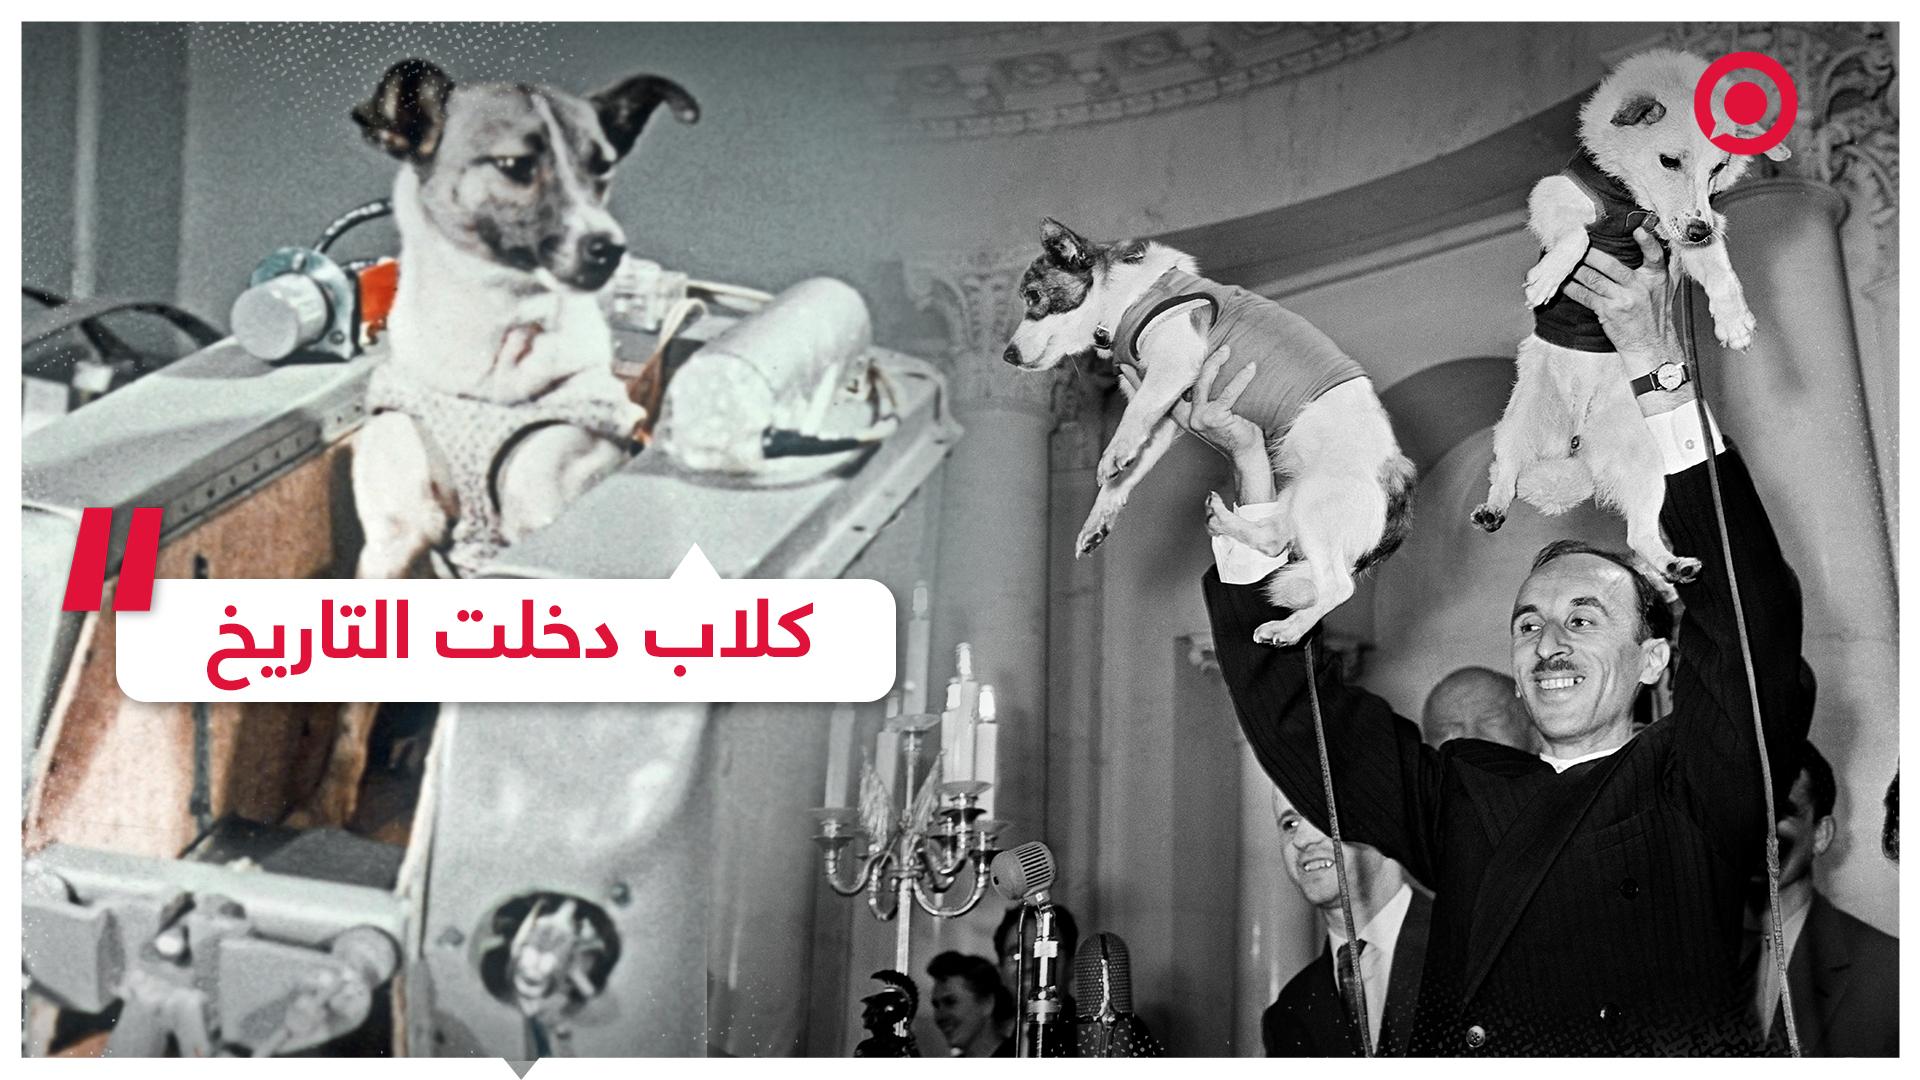 كلاب، مشاهير، تاريخ